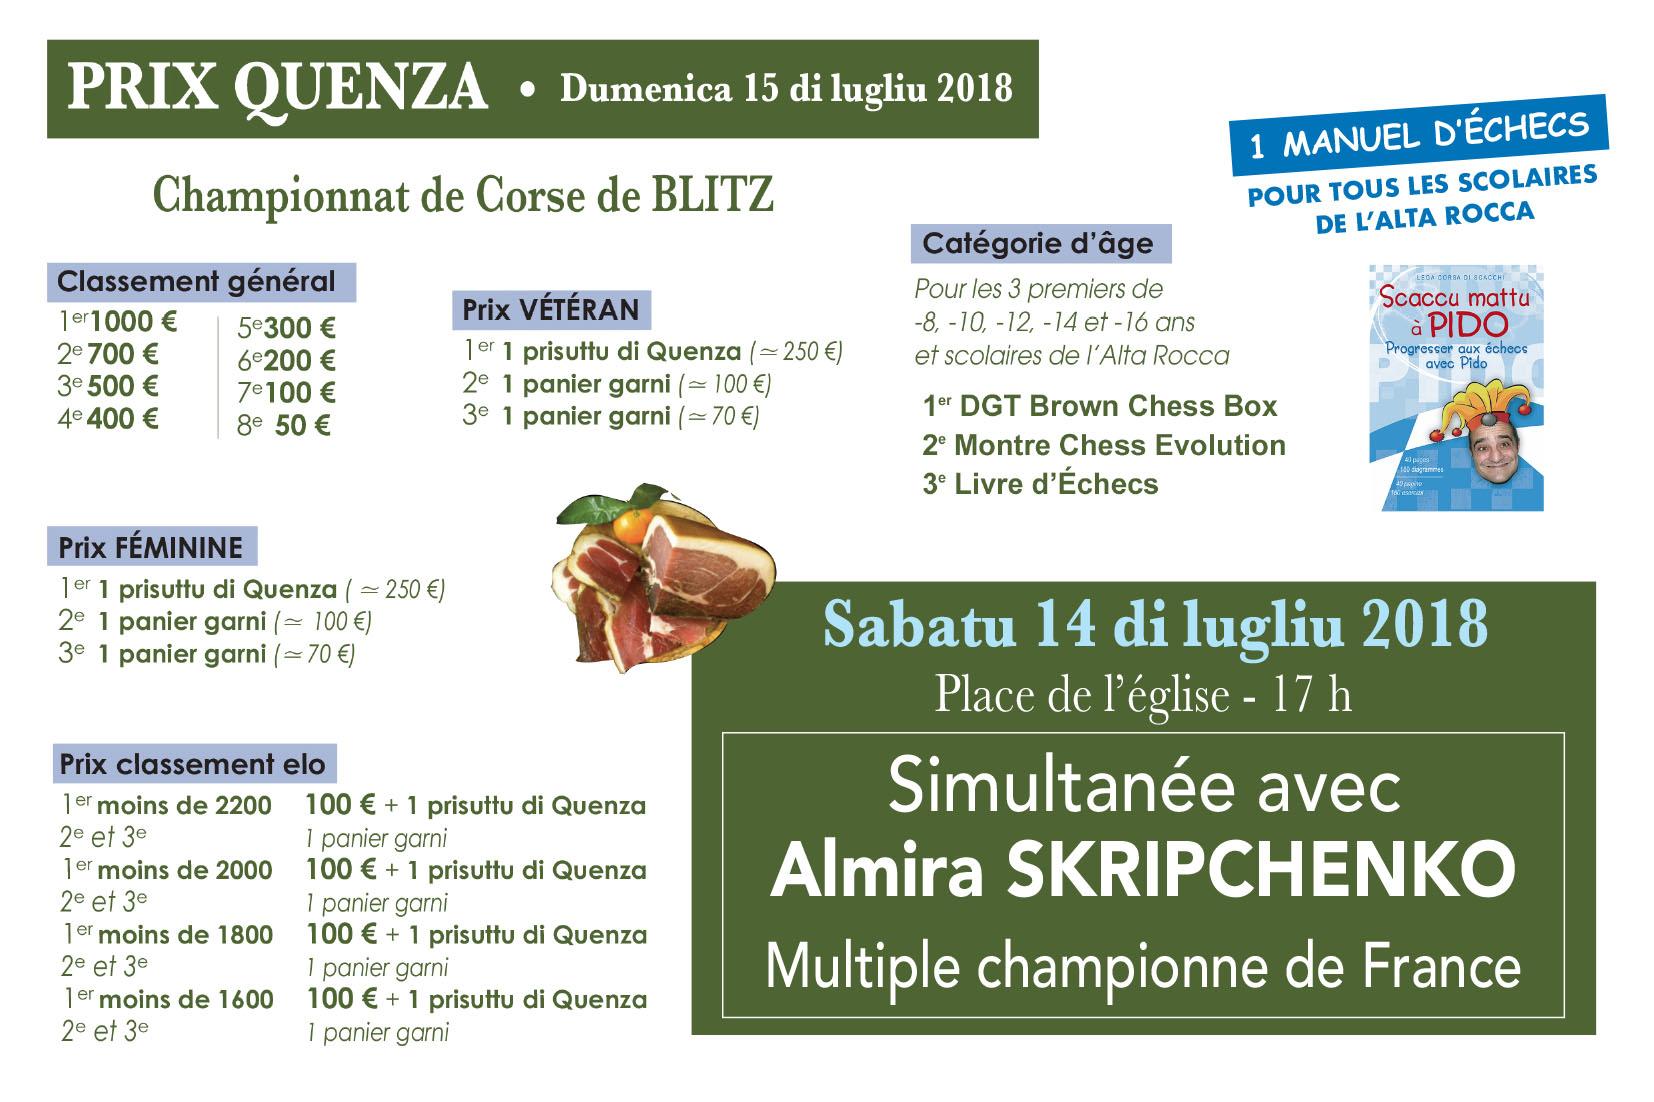 10u Open di Quenza, Simultanea, serata culturale, Mega Blitz e finale di a cuppa di u mondu !